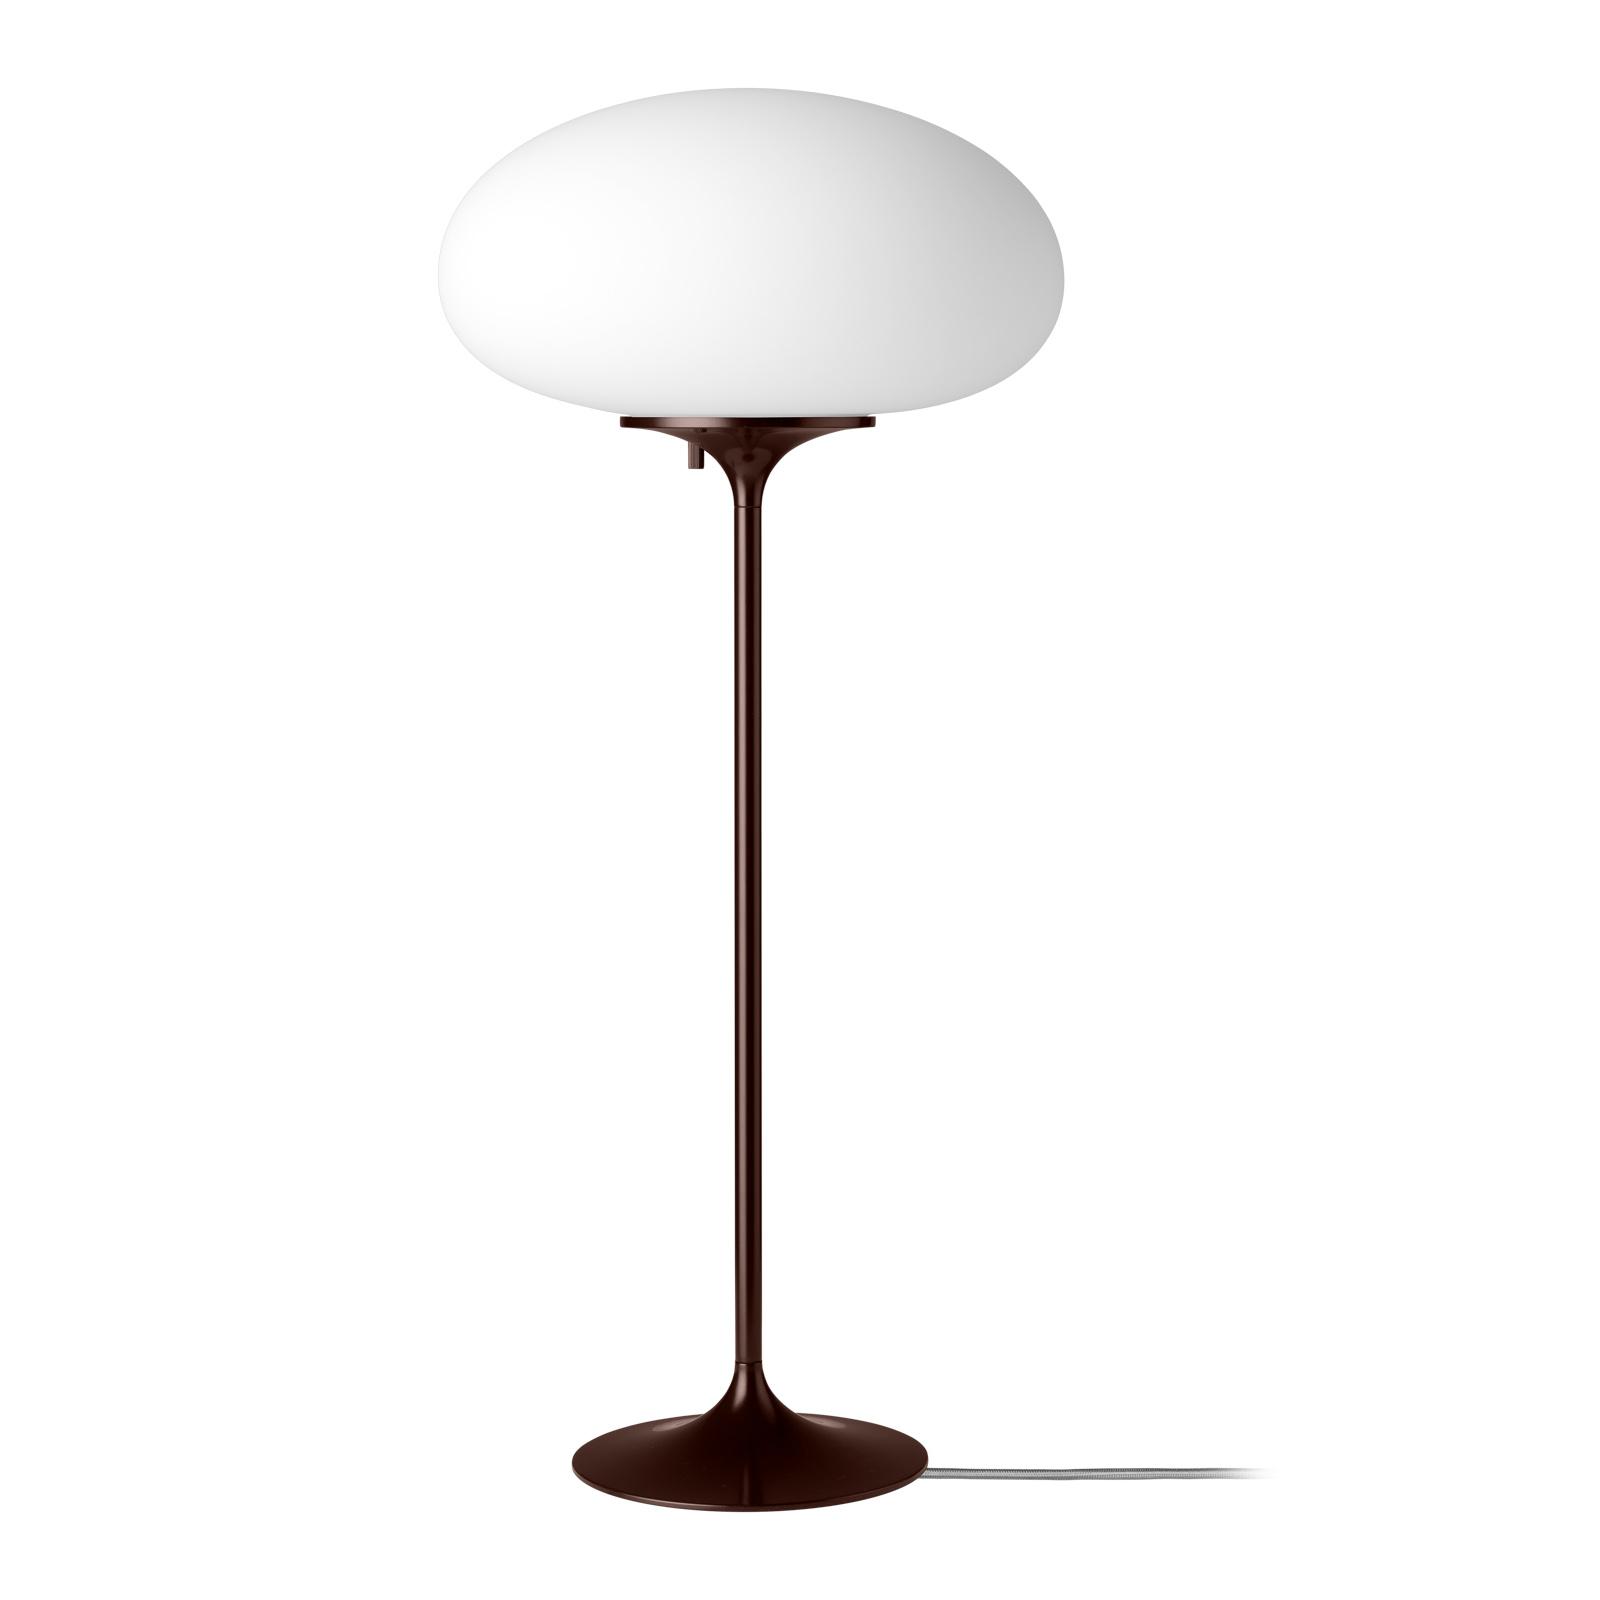 GUBI Stemlite Tischleuchte, schwarz-rot, 70 cm